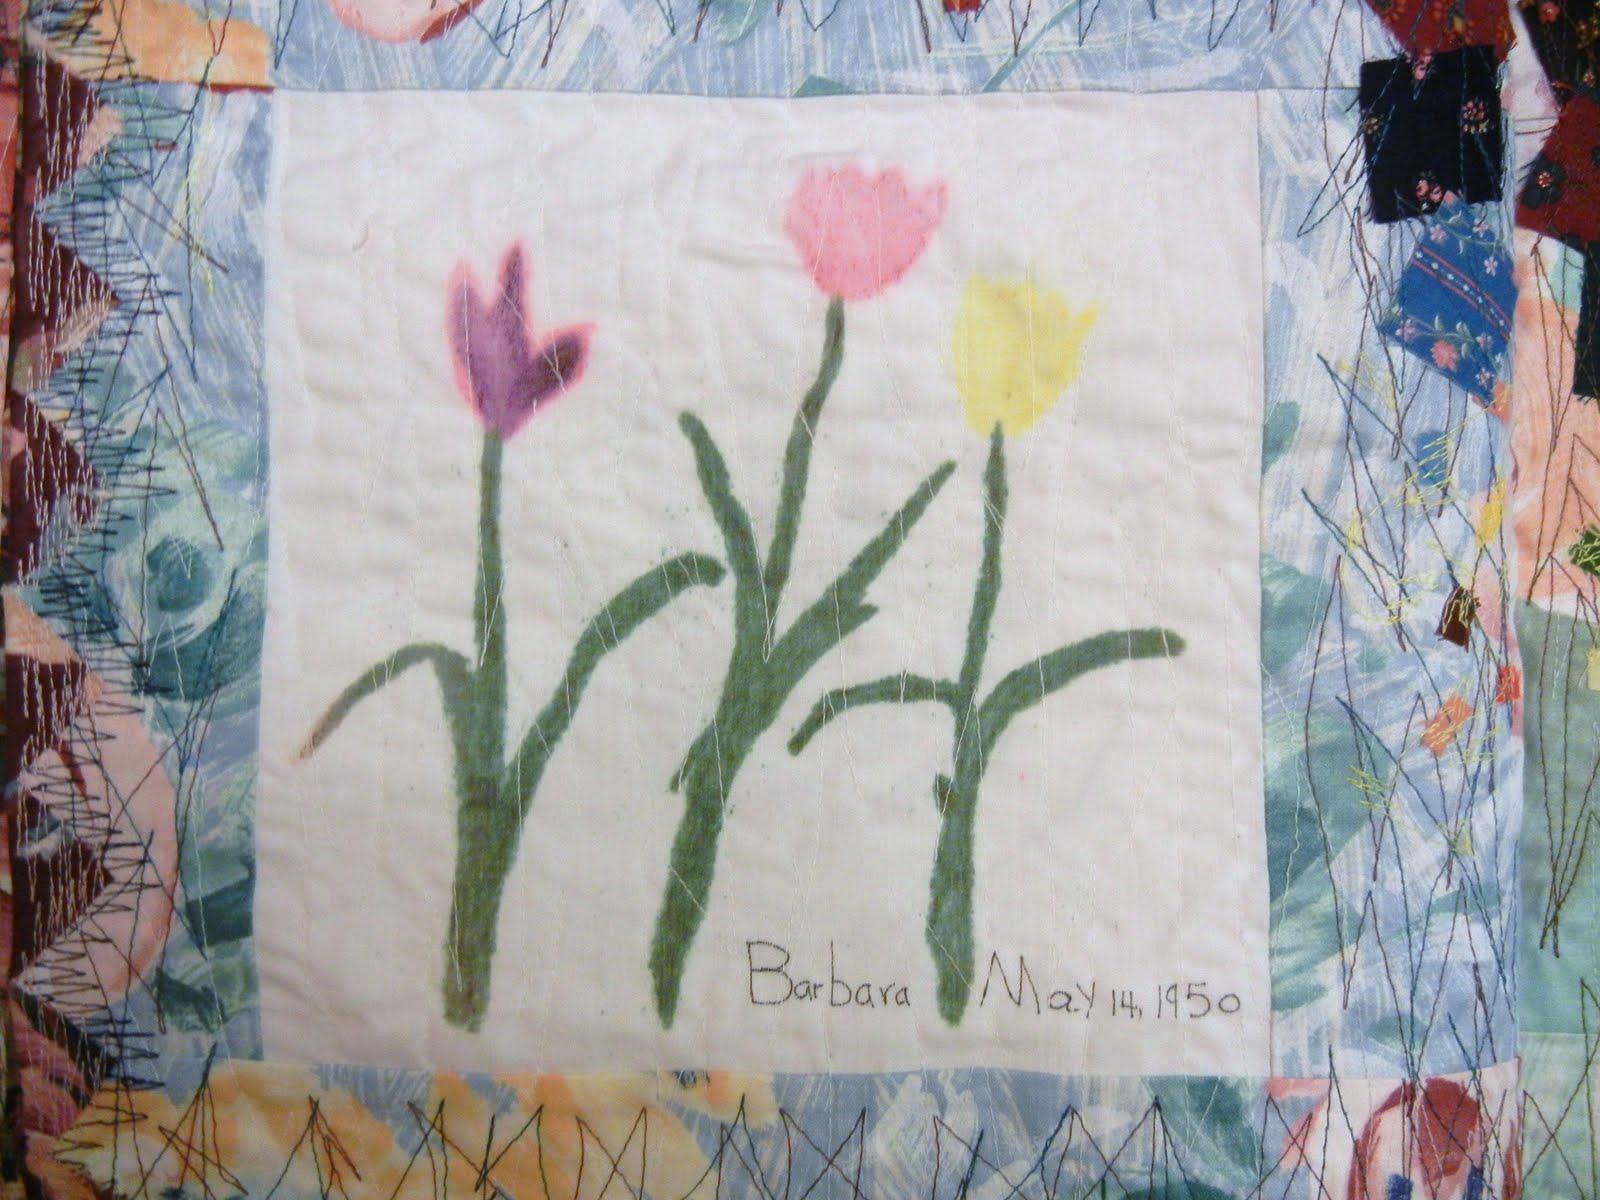 http://3.bp.blogspot.com/-WFL4RpZapCo/TgcgIXoJNKI/AAAAAAAAACQ/OAs4fx8AZmk/s1600/Tulips.JPG